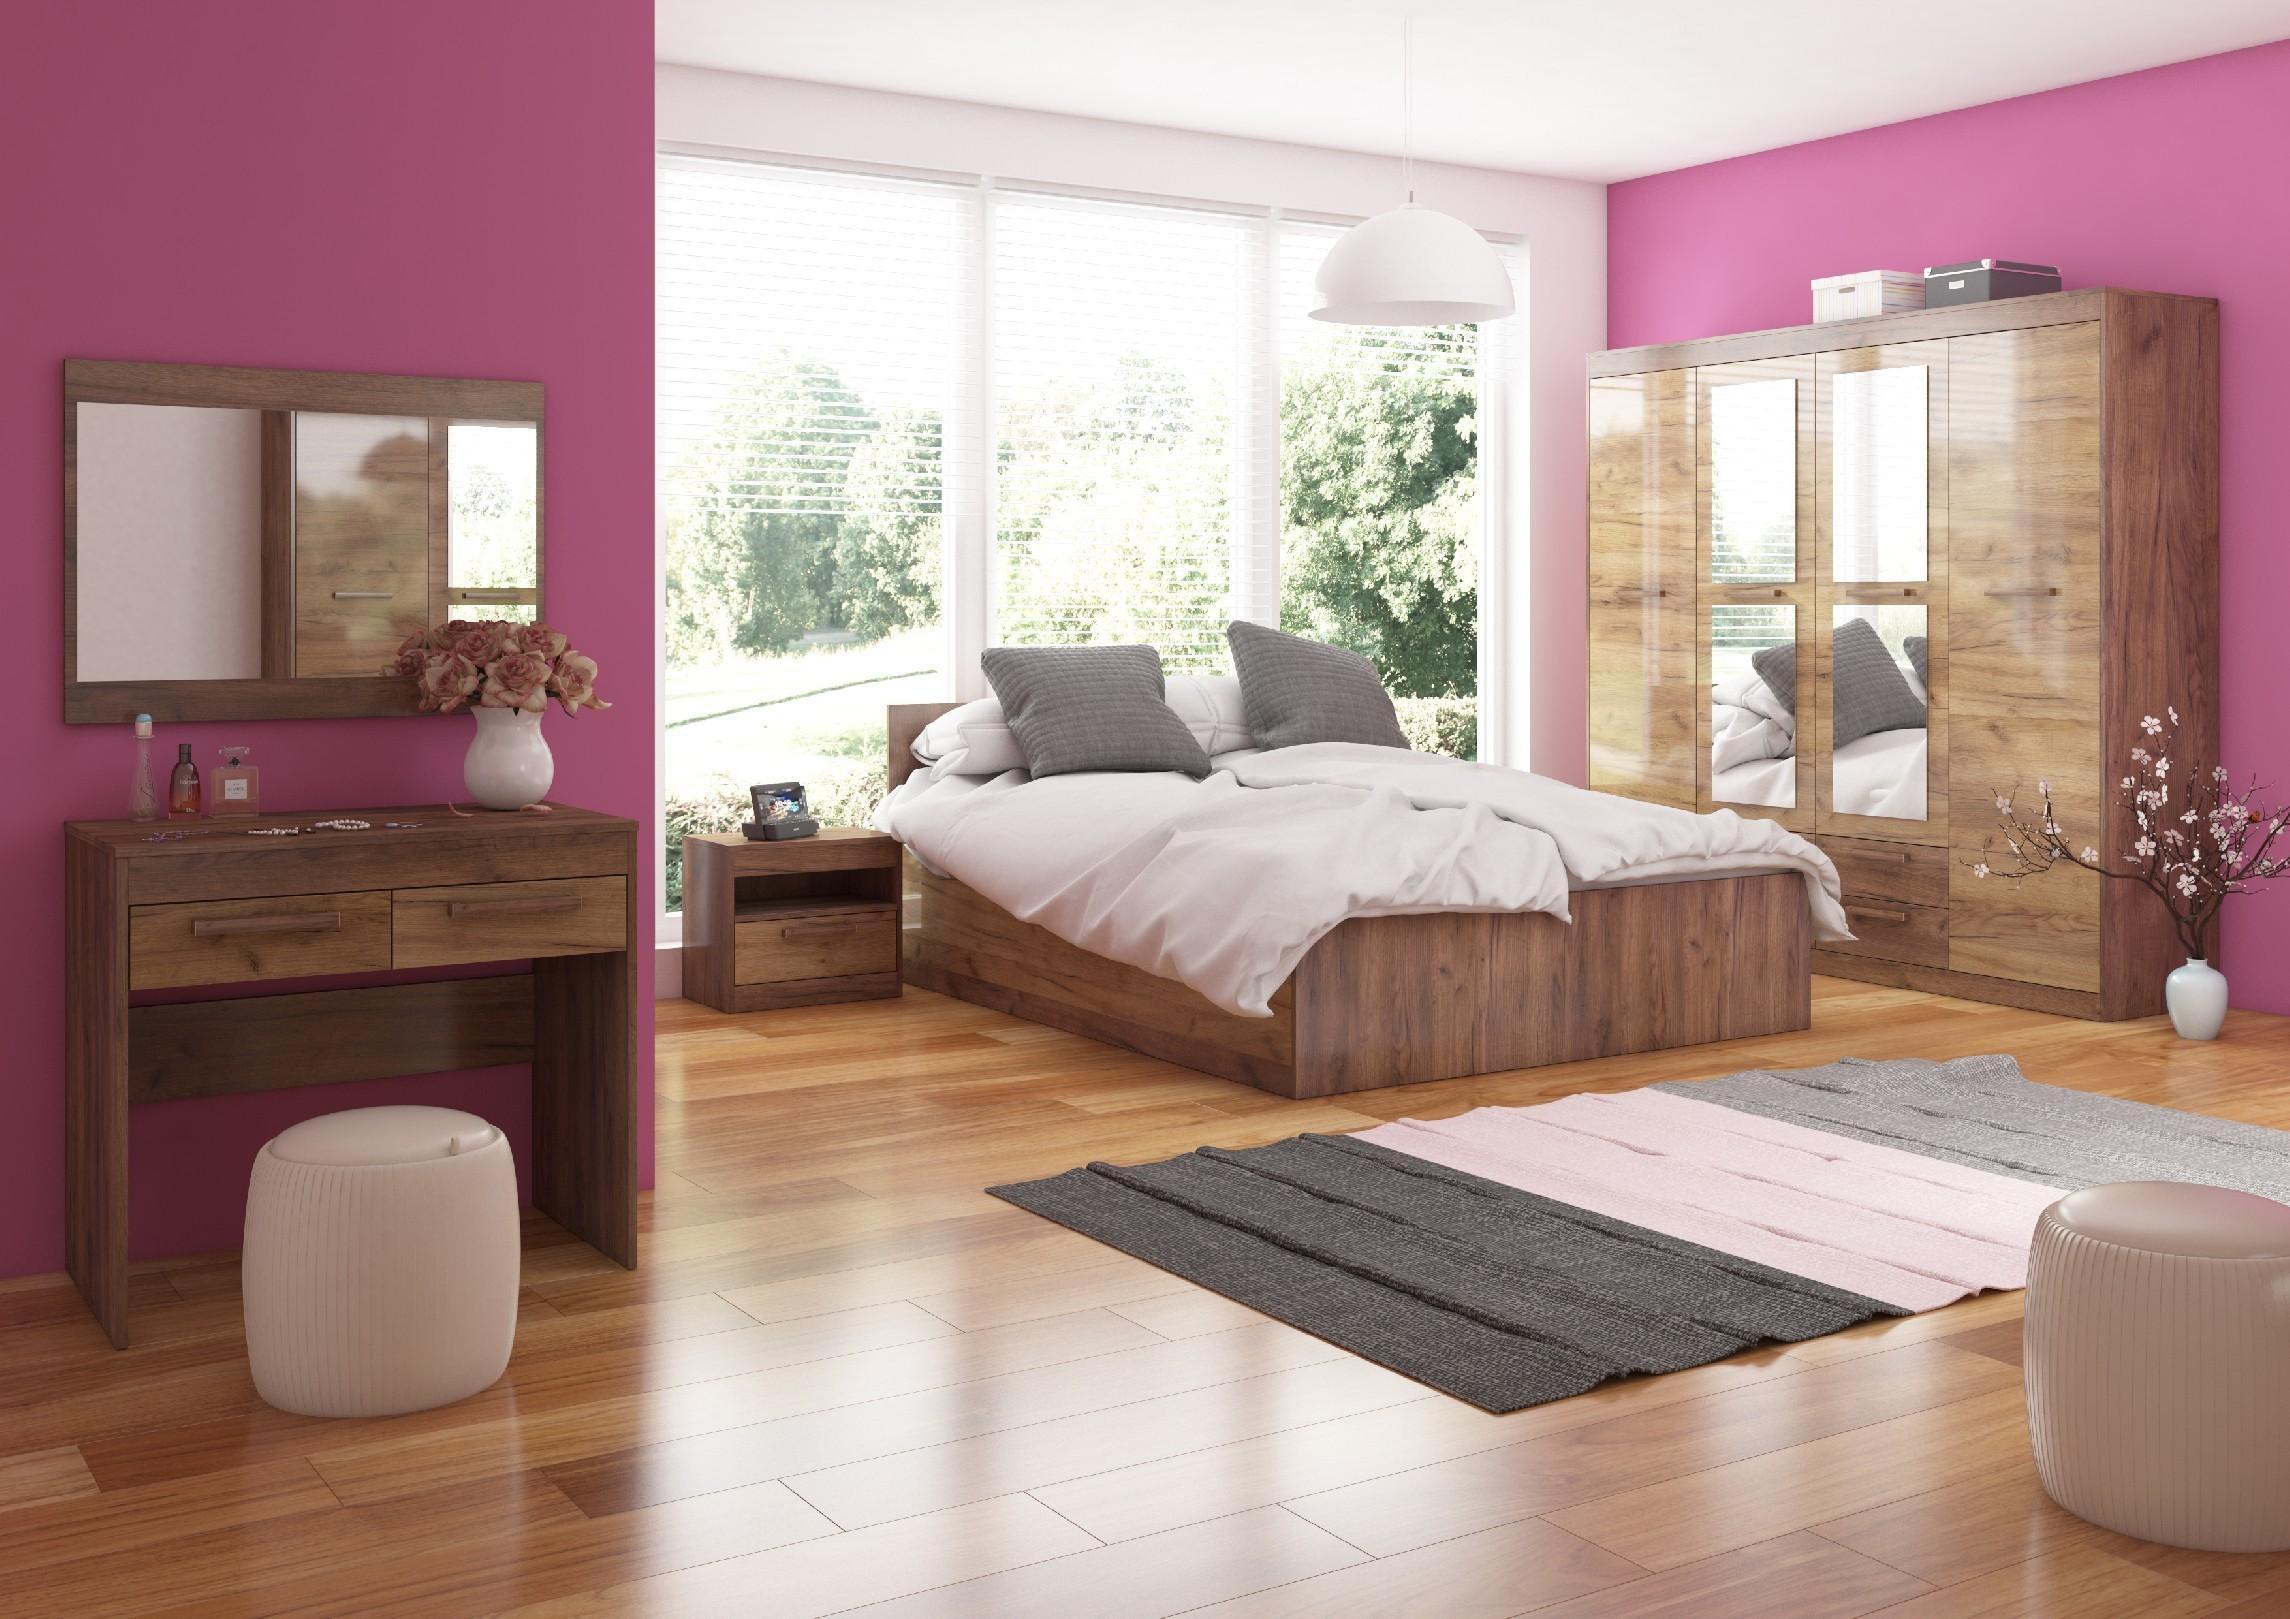 WIP Manželská posteľ Maximus MXS-18 Farba: Craft zlatý / craft biely